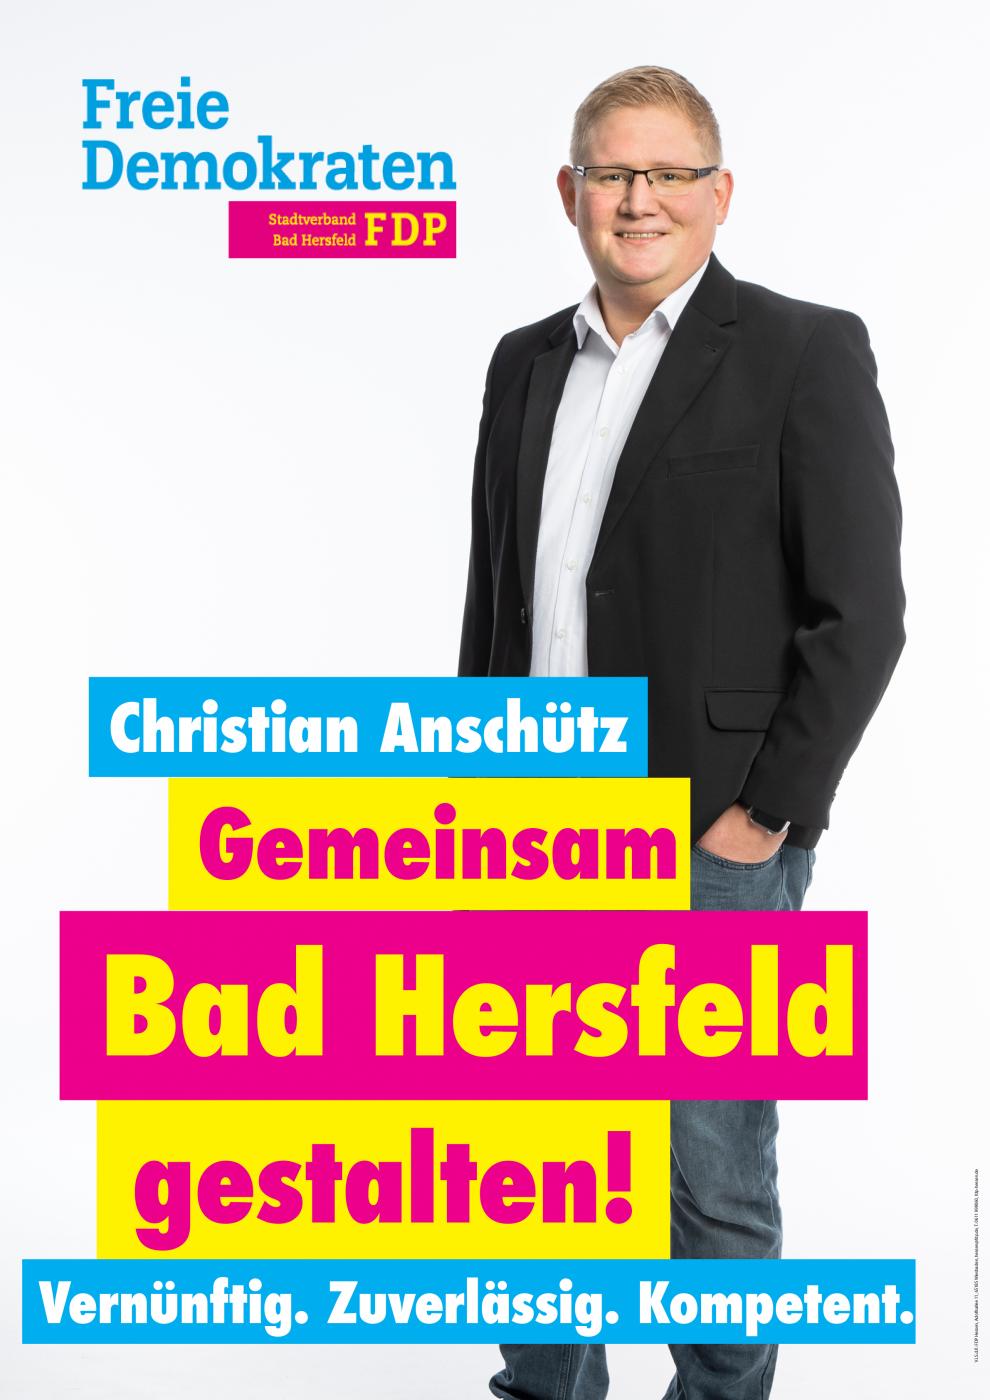 Christian Anschütz